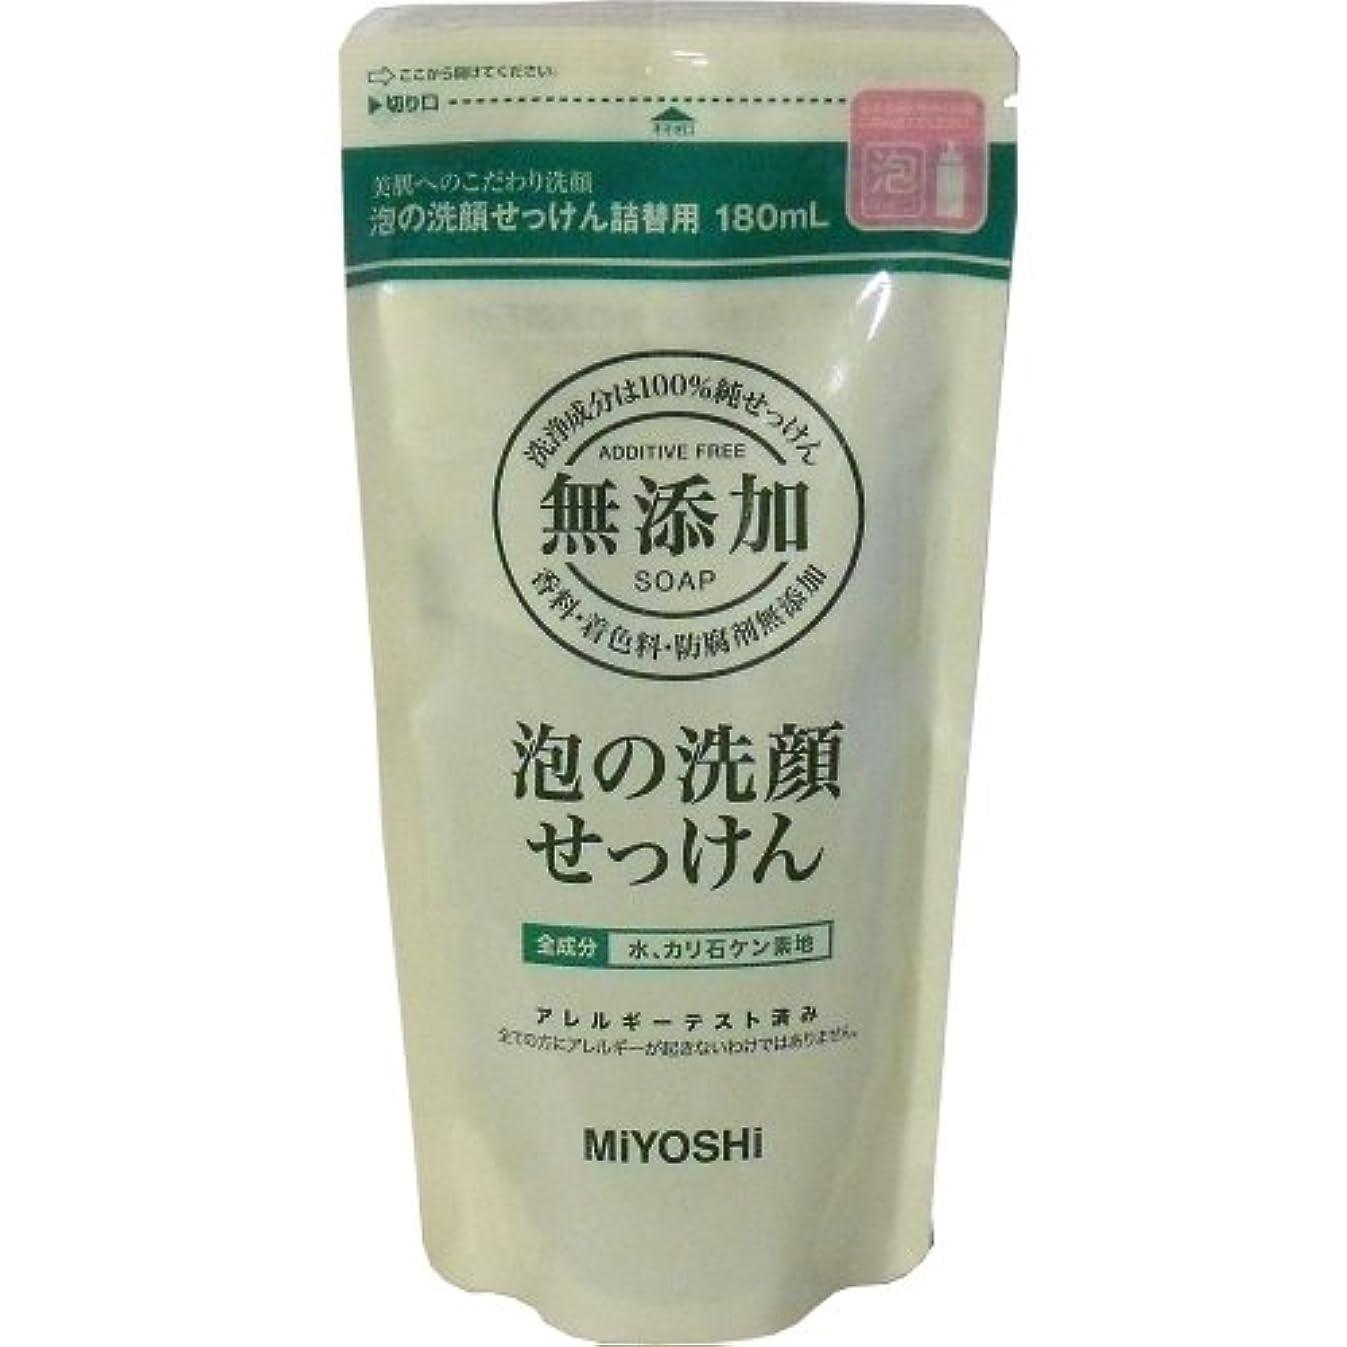 ビクター時期尚早圧倒的ミヨシ 無添加 泡の洗顔せっけん つめかえ用 180ml(無添加石鹸)【7セット】